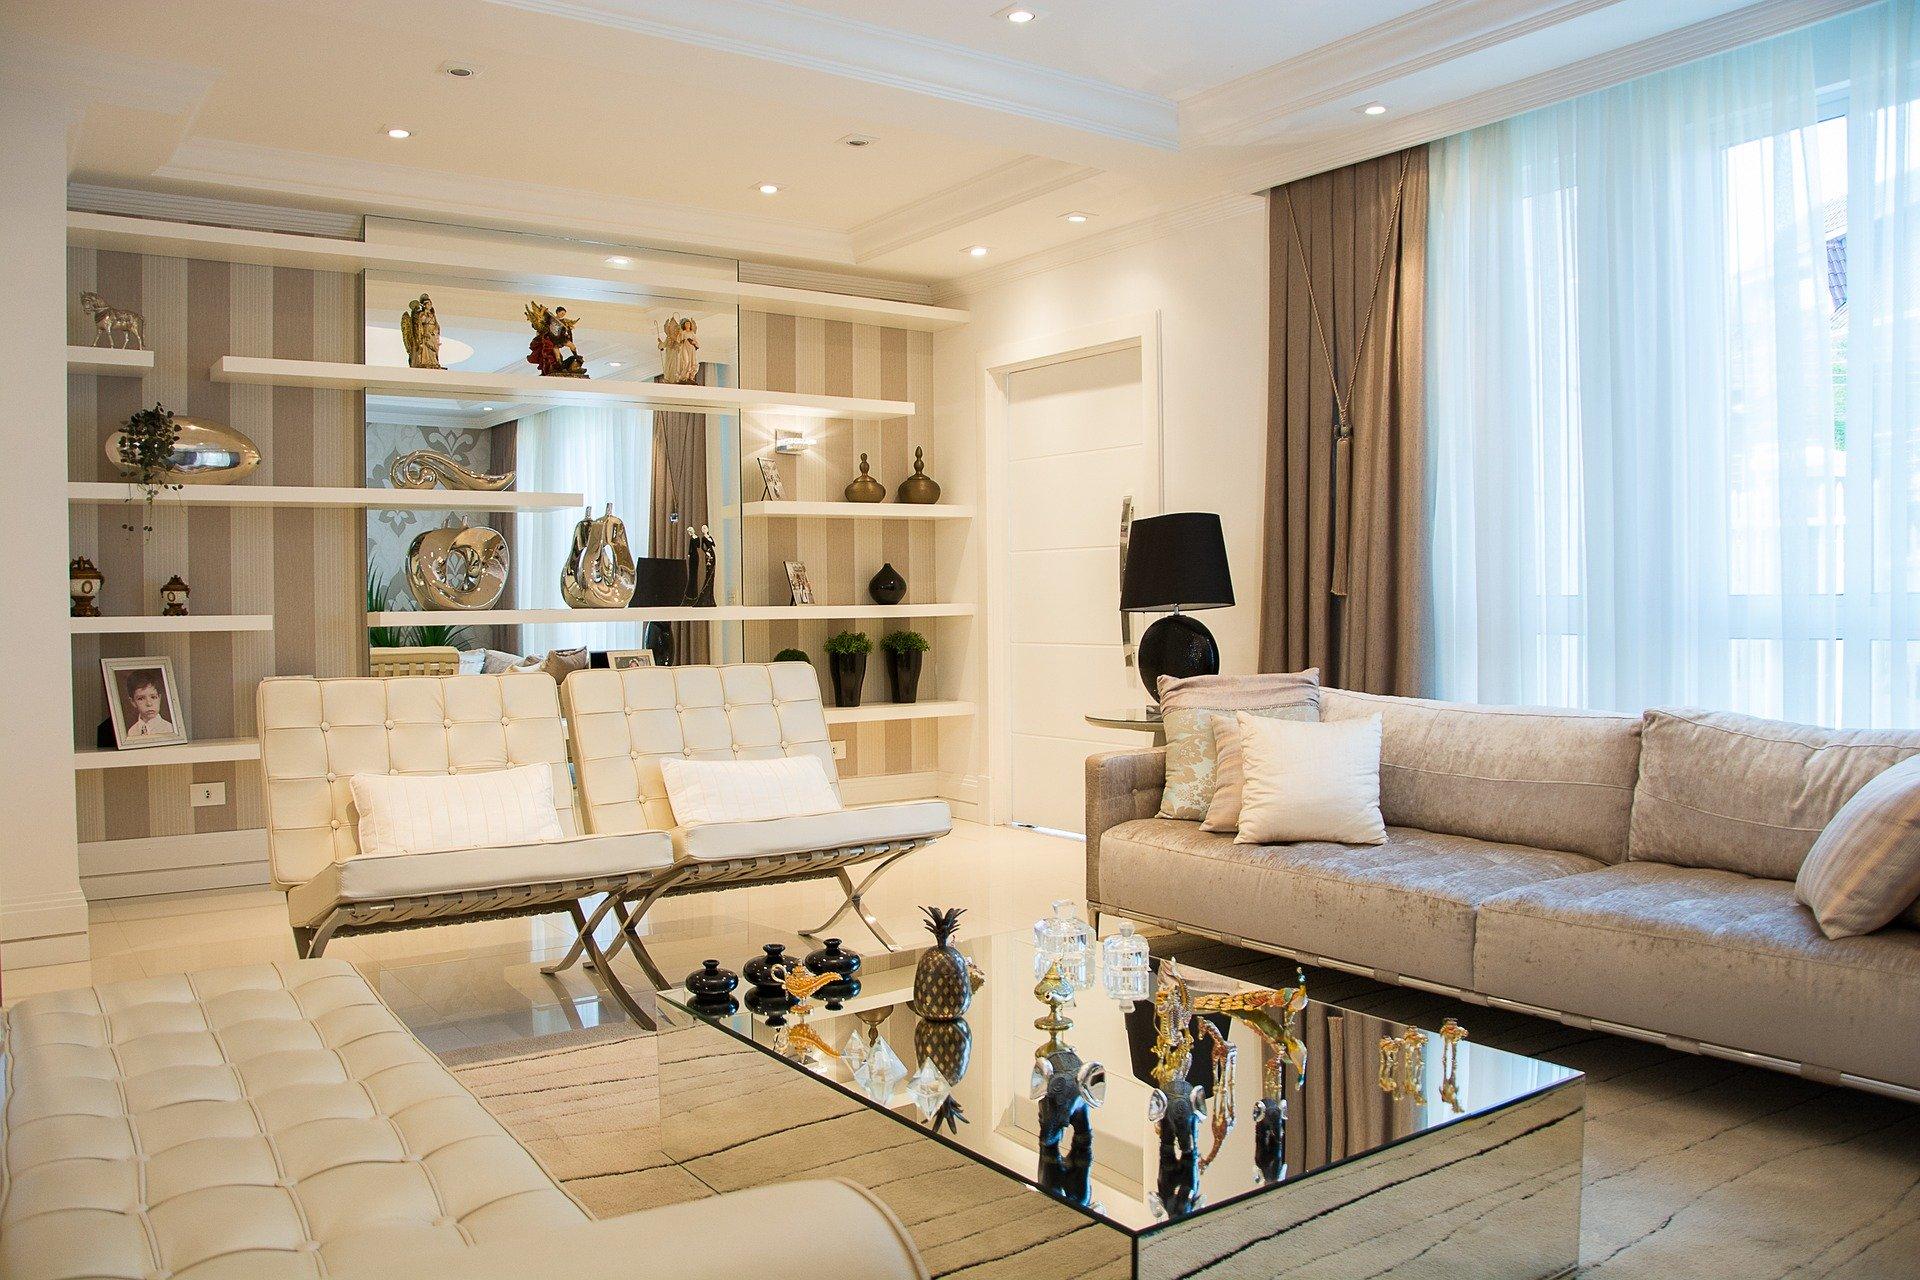 Acheter une maison sans la voir ? Évitez ces 8 erreurs